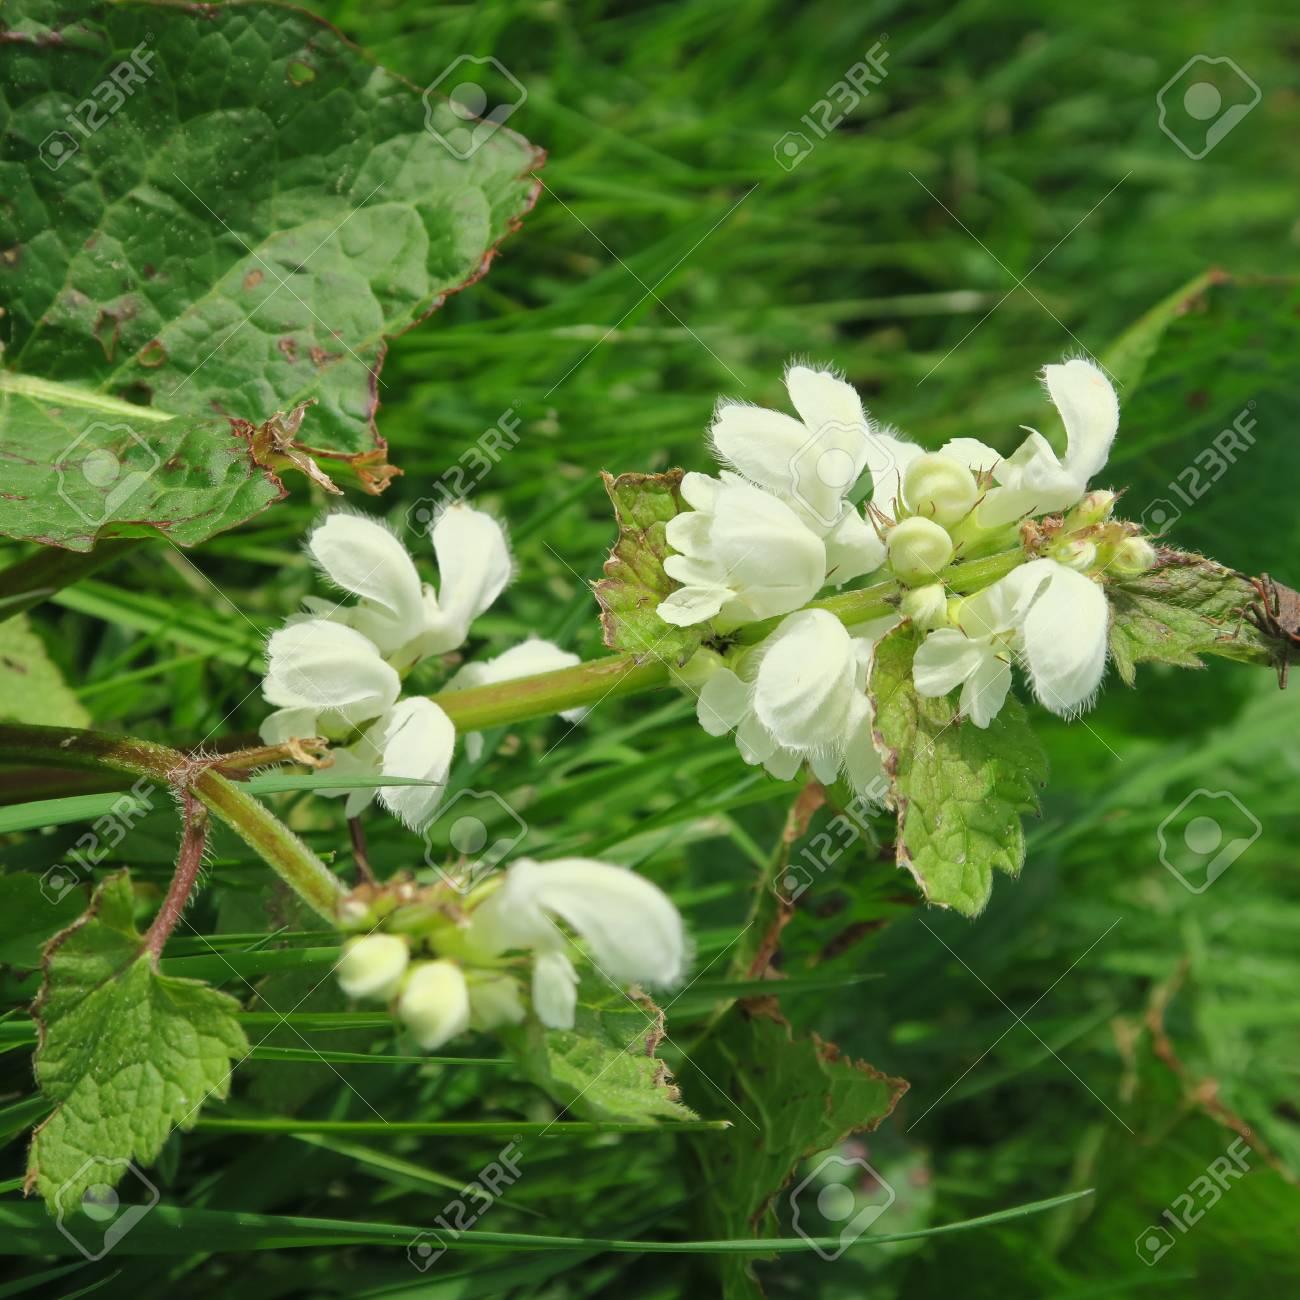 Lamium Con Pequenas Flores Blancas Una Col Silvestre Comestible